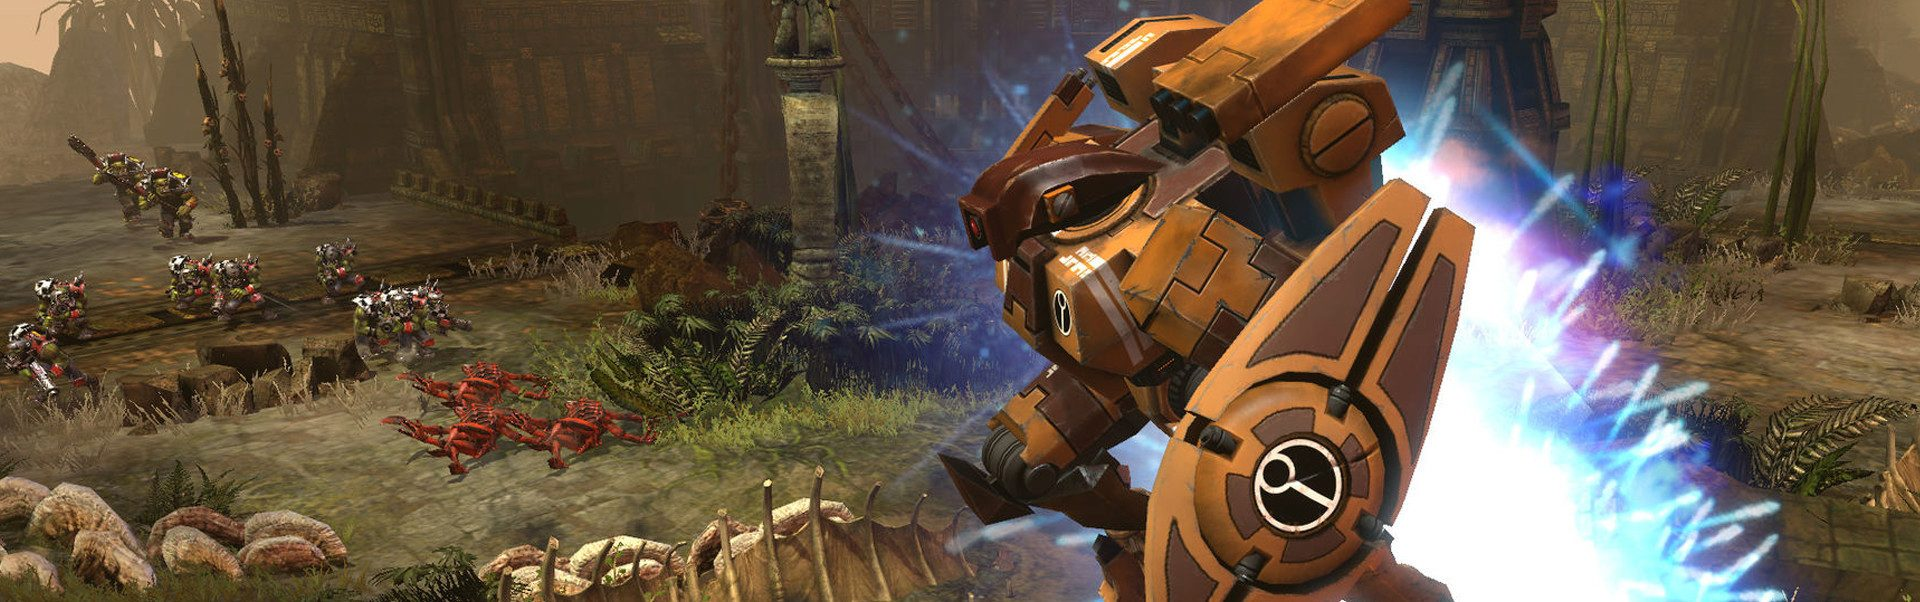 Warhammer 40,000: Dawn of War II - Retribution - Last Stand Tau Commander (DLC) Steam Key GLOBAL